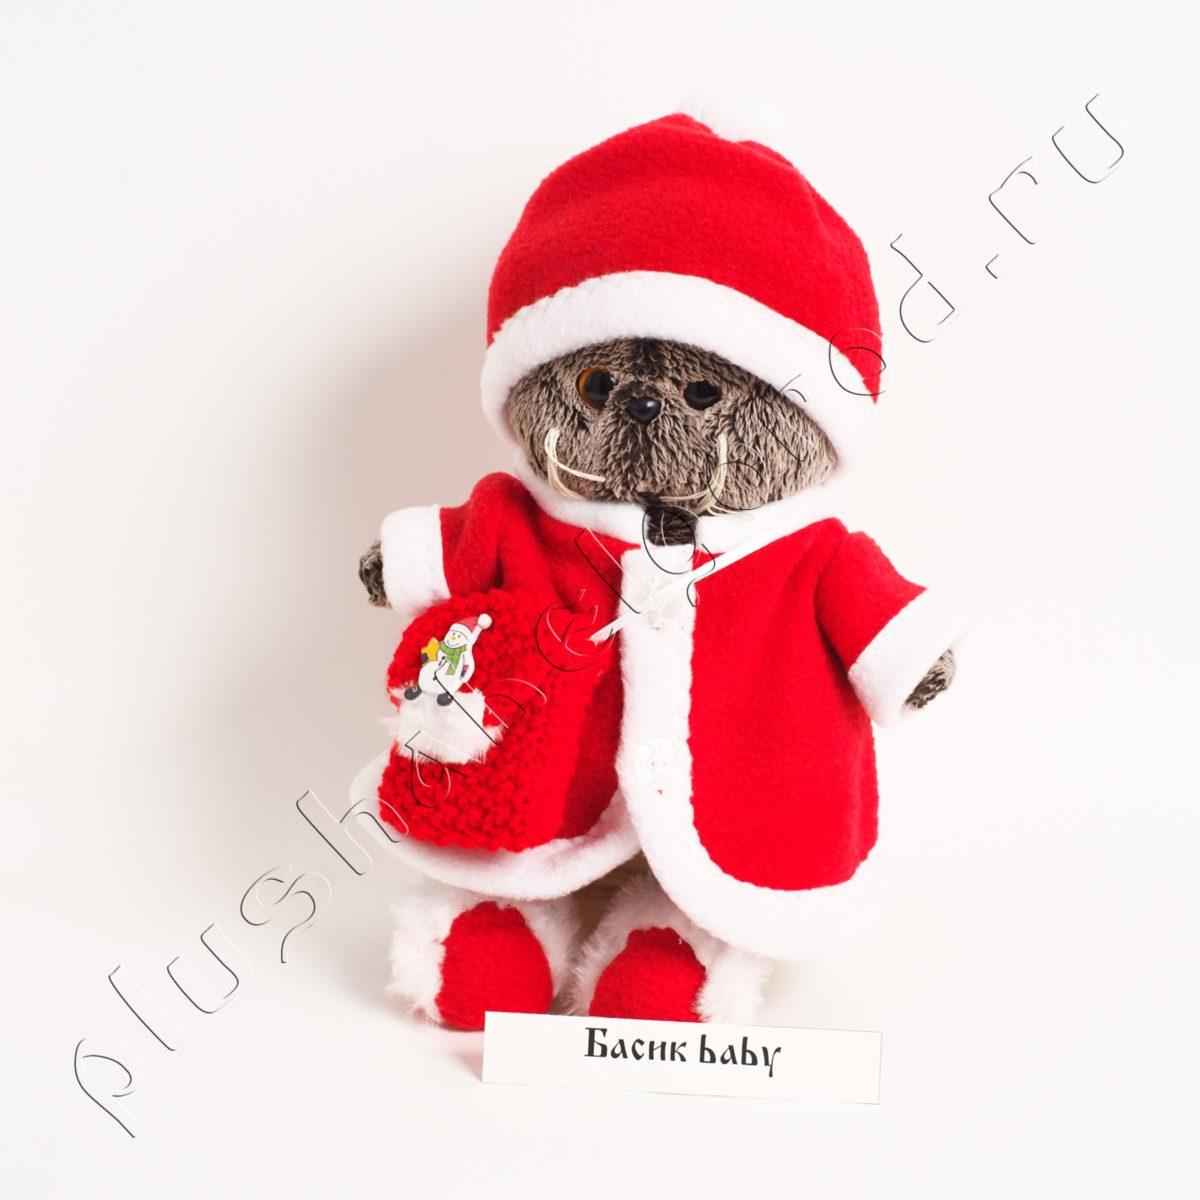 Цена со скидкой! Дед Мороз для Басика baby